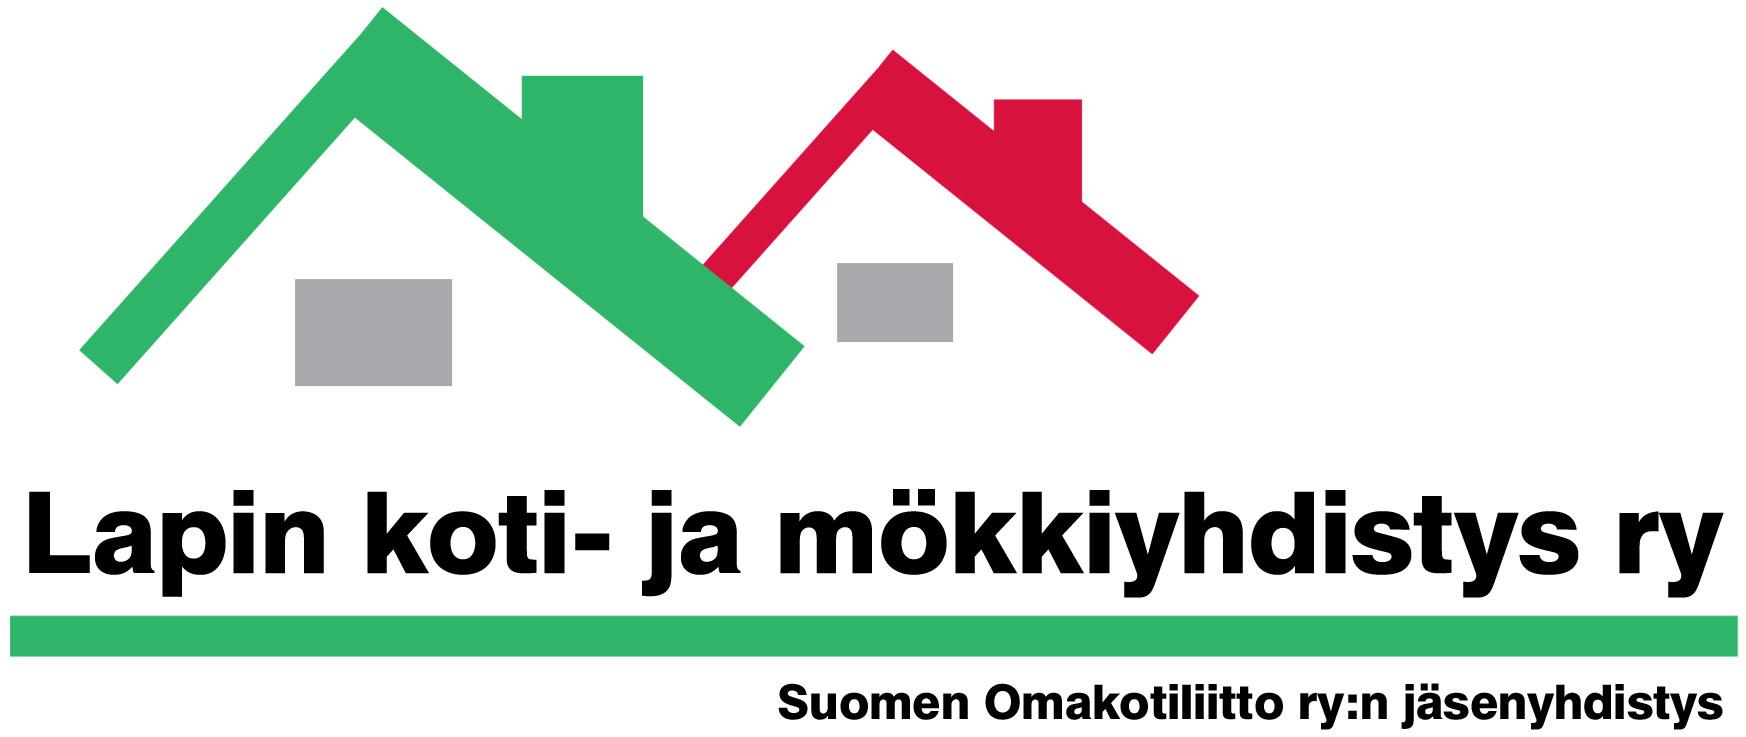 Lapin koti- ja mökkiyhdistys ry